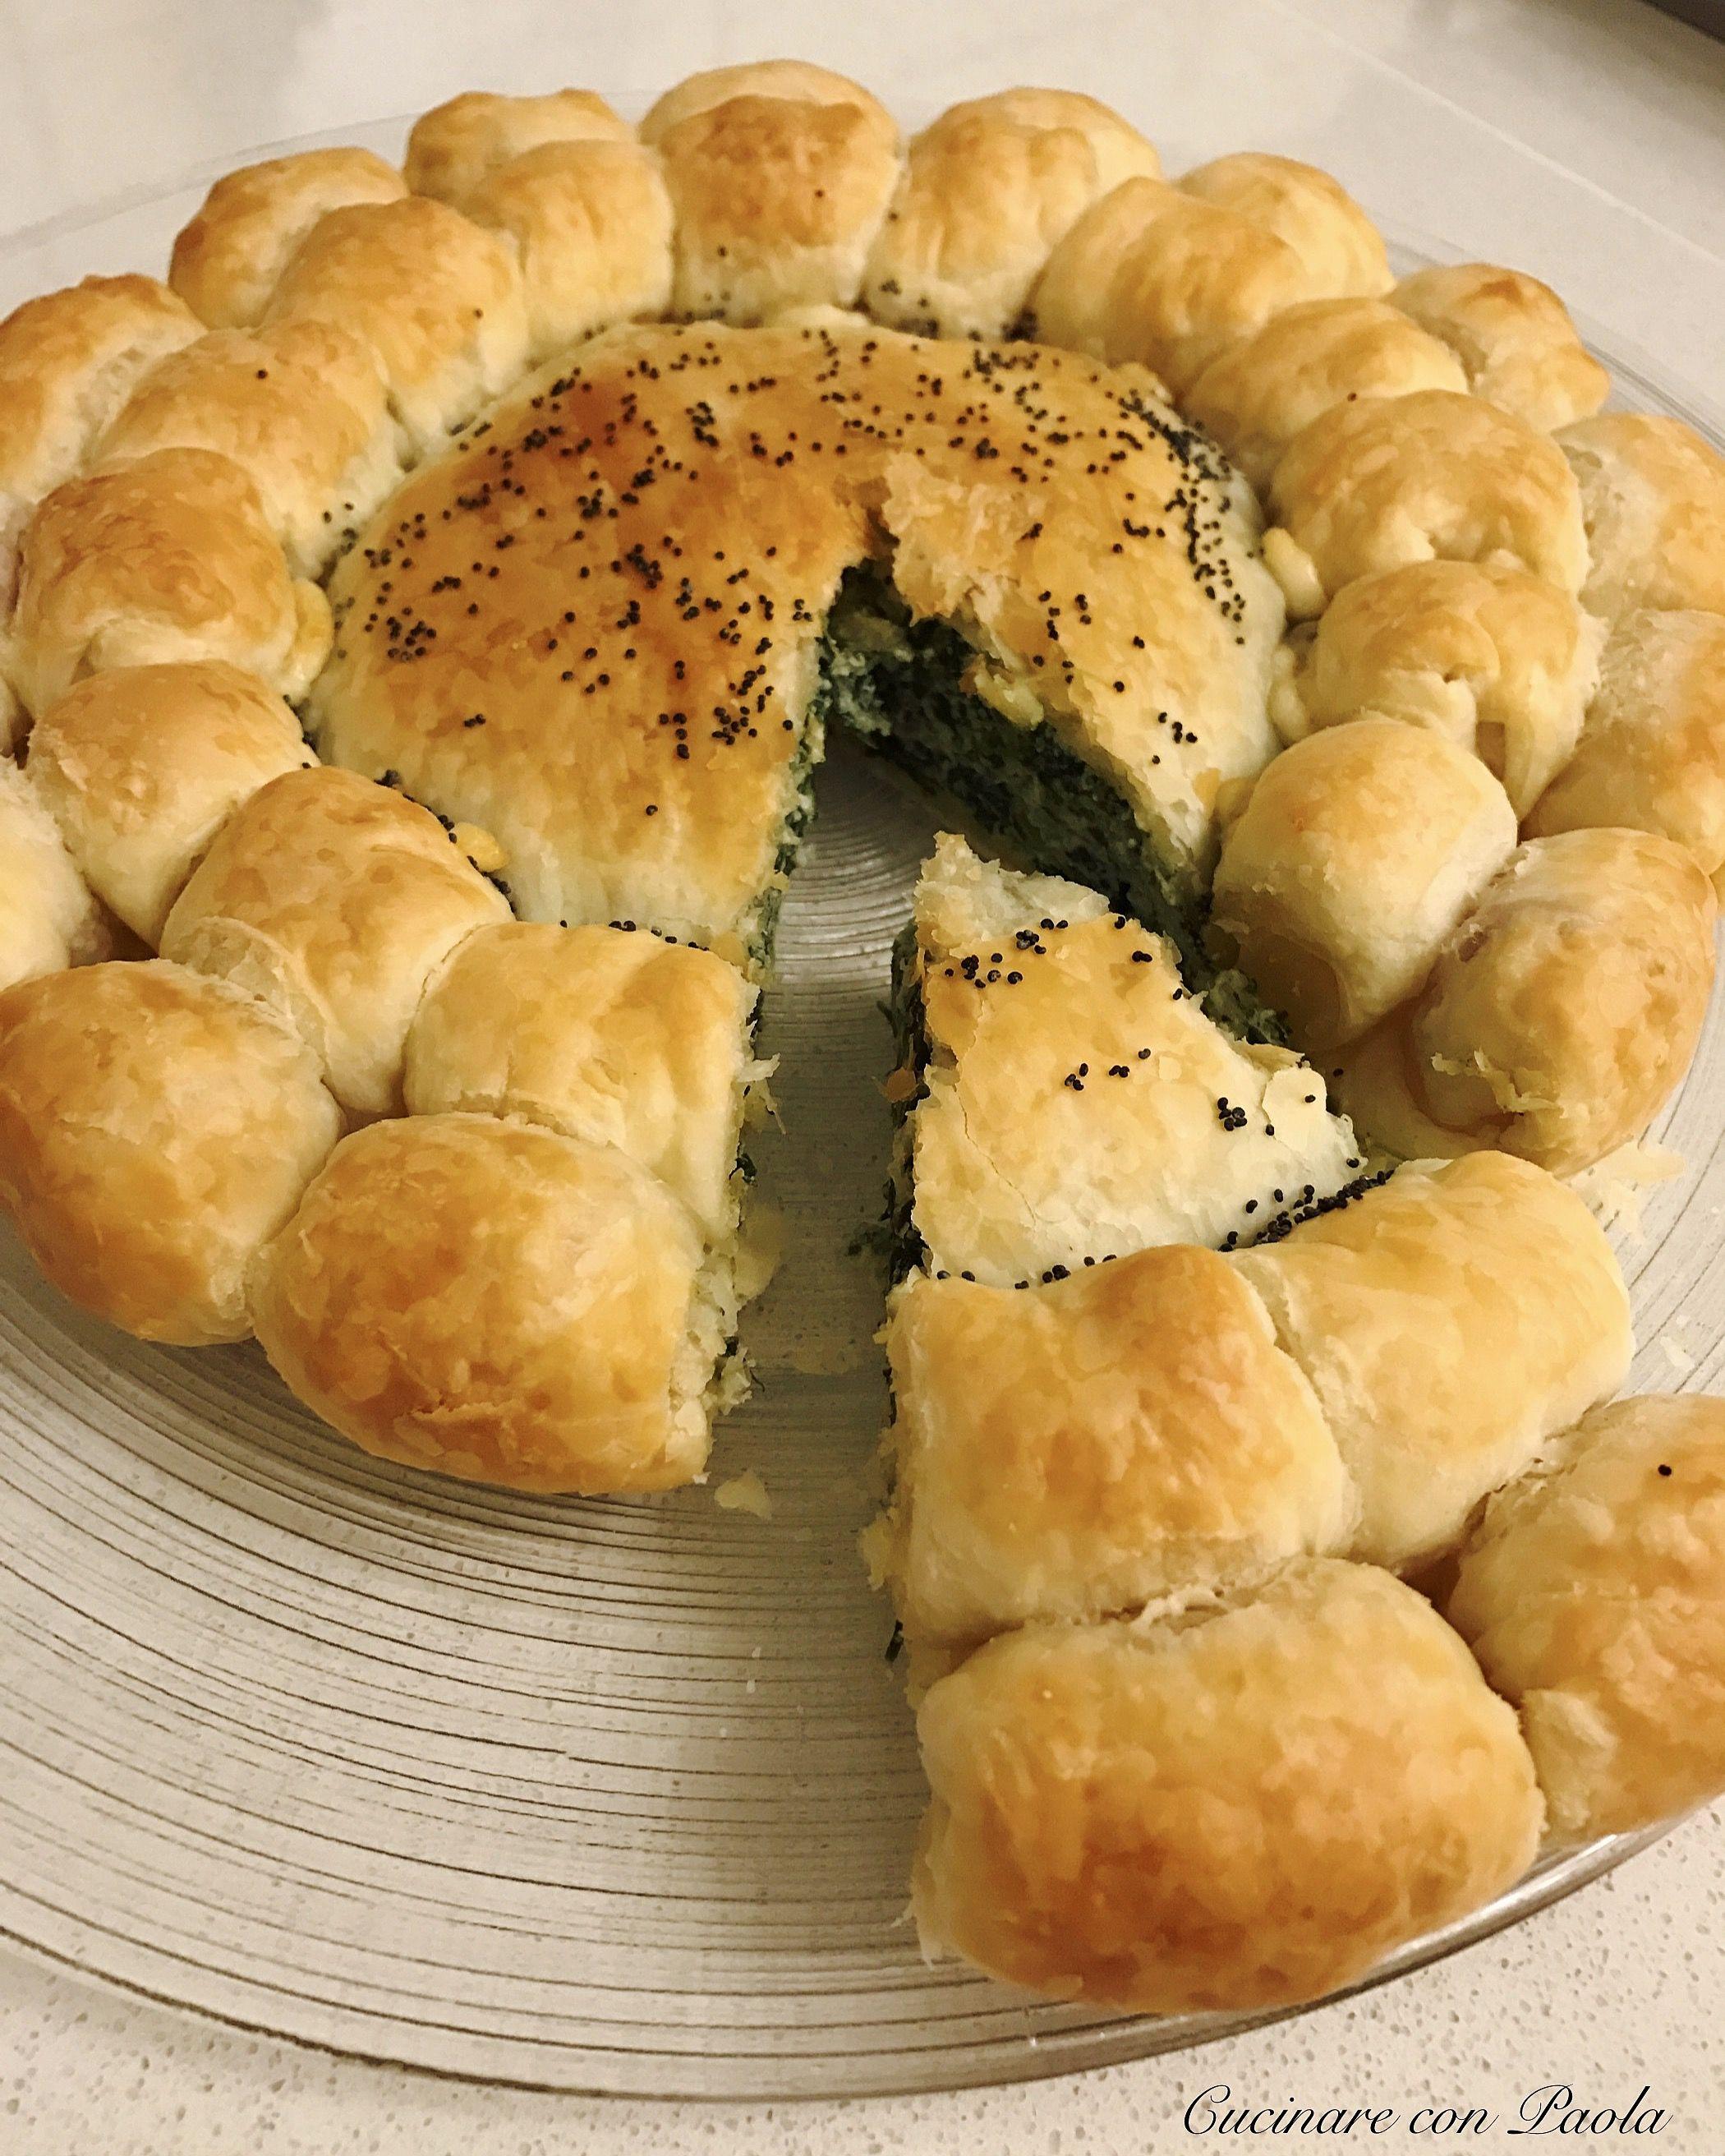 Fiore di pasta sfoglia ripieno ricotta e spinaci, formaggio filante e  würstel! Ricetta sul blog!